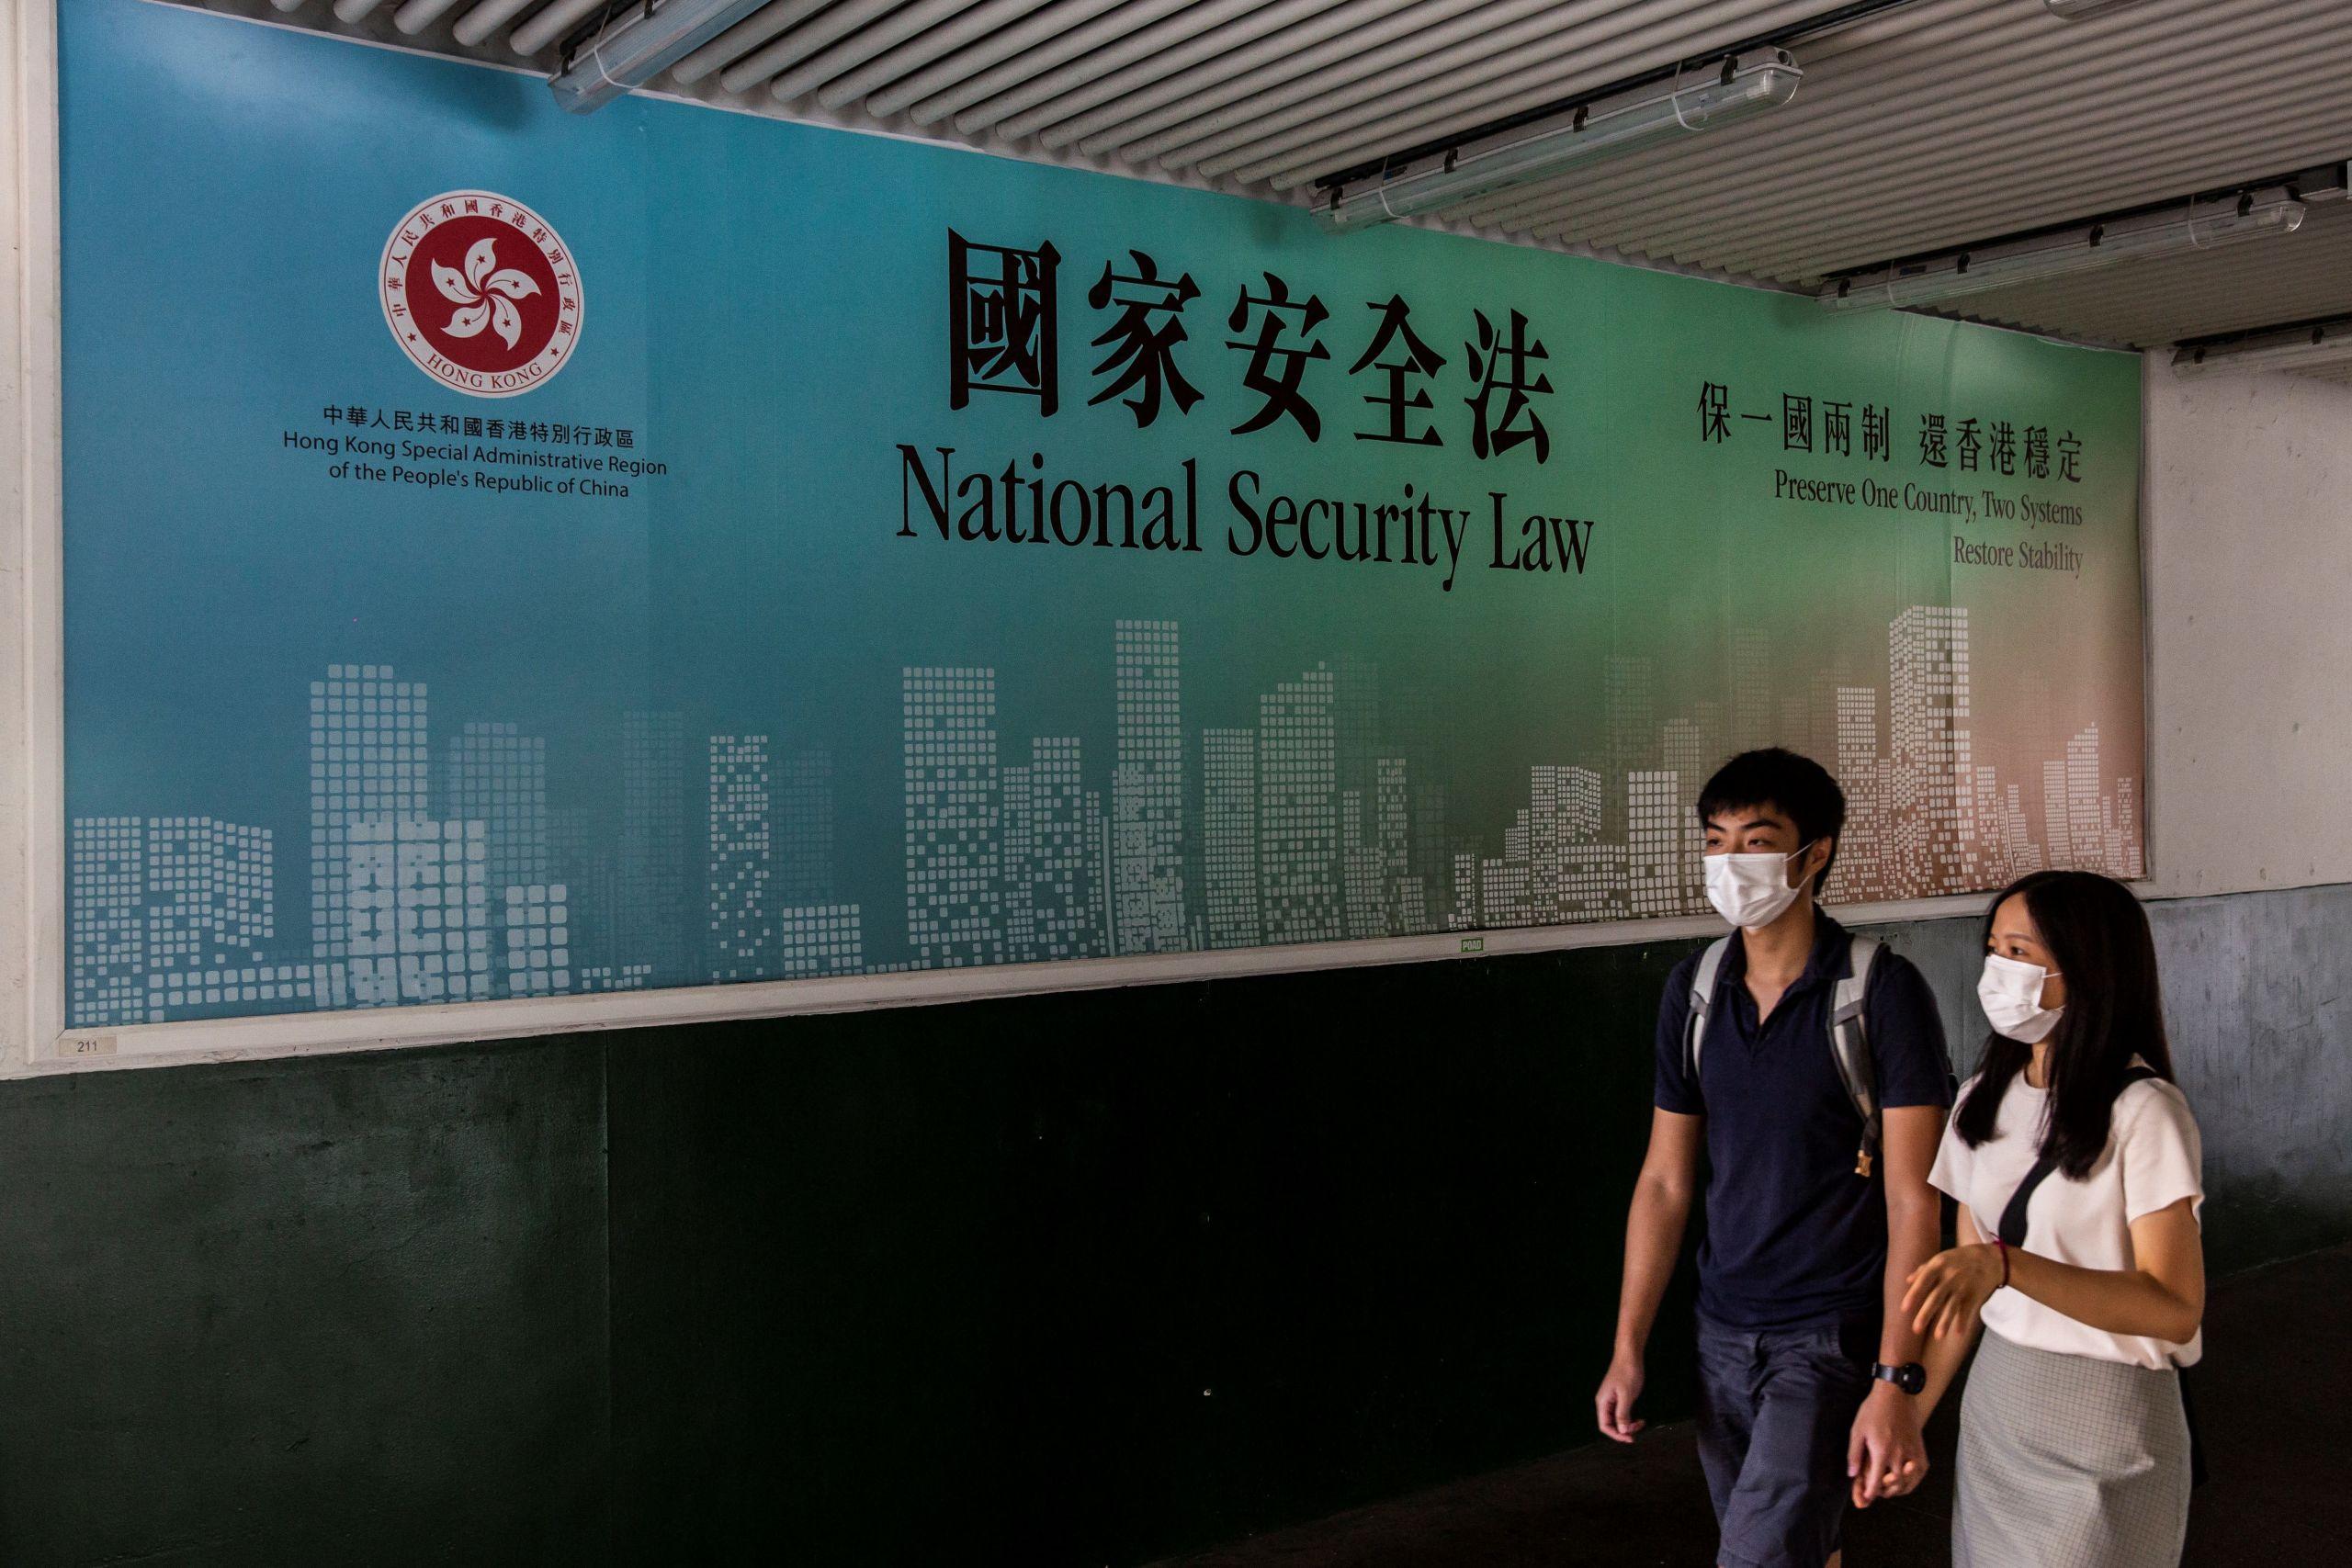 随处可见的《国安法》宣传海报 (图片来源:AFP)